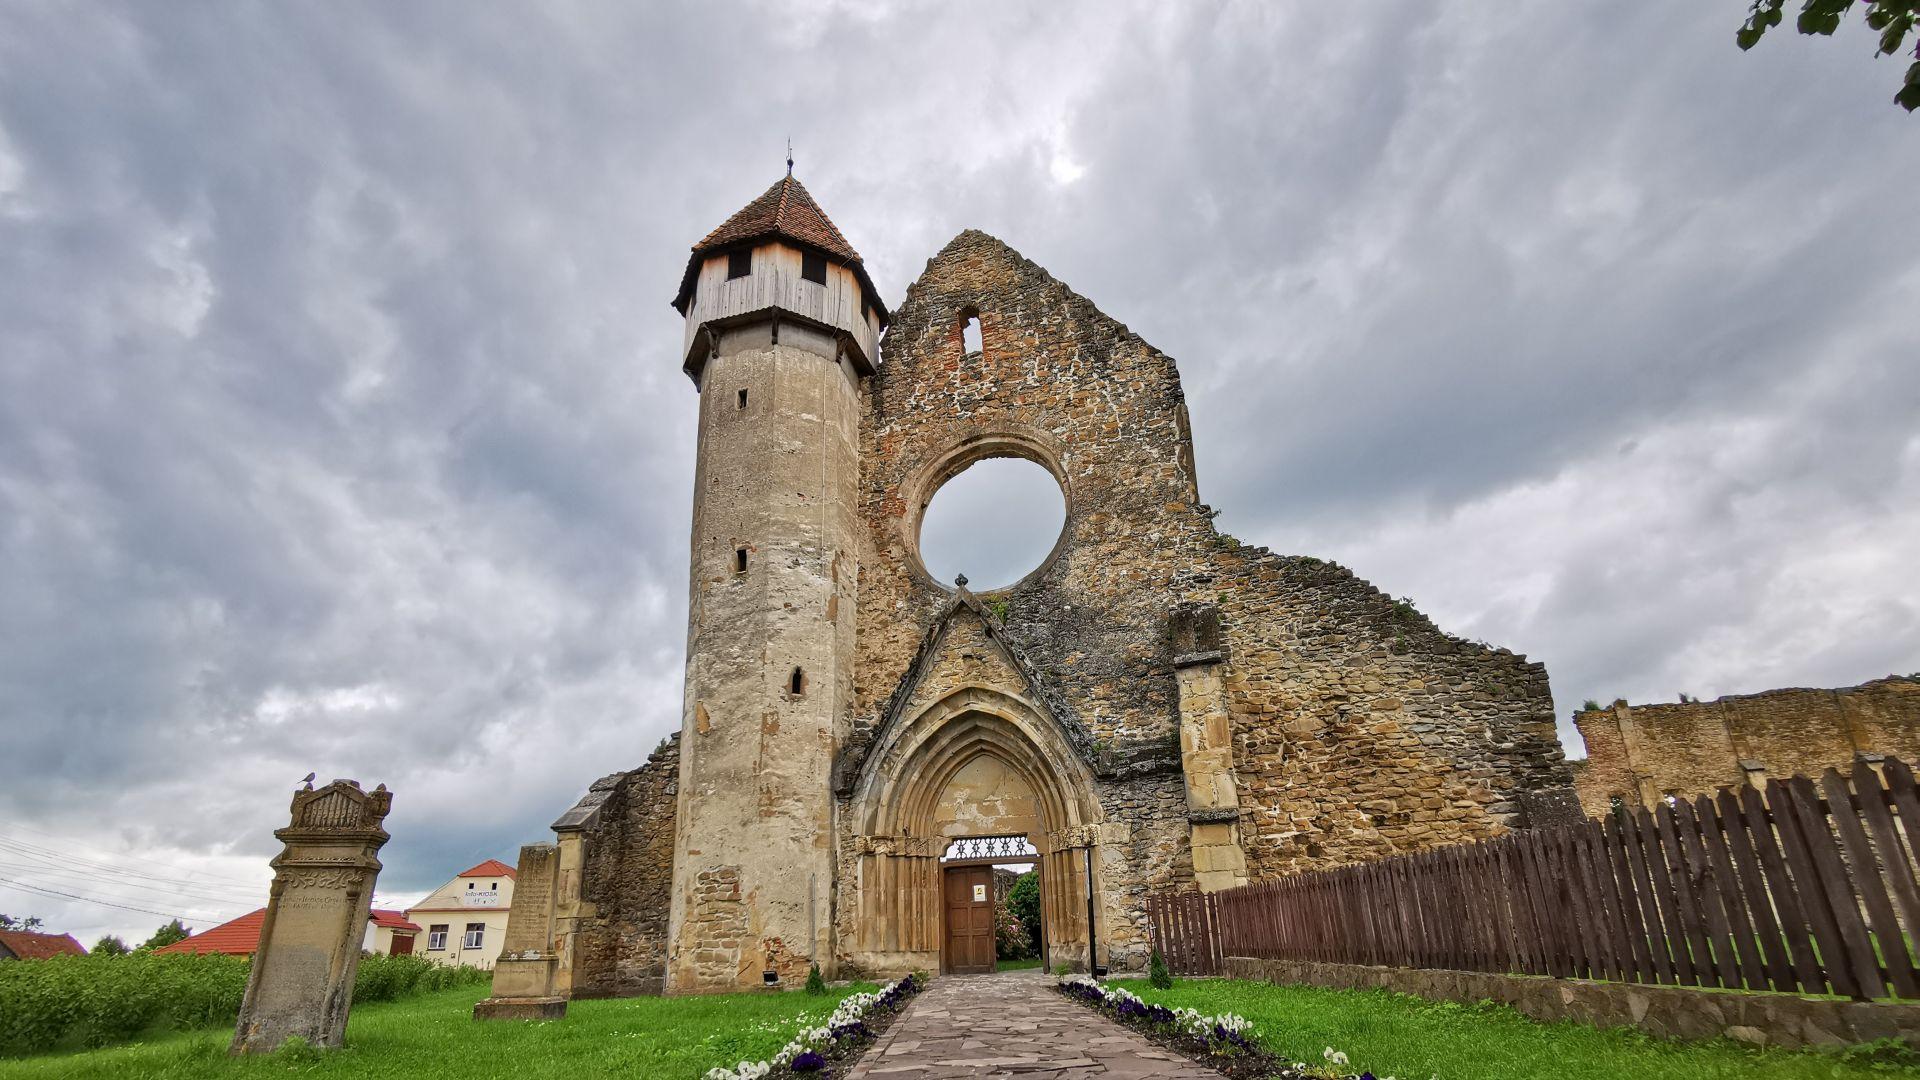 Mânăstirea Cârța, exterior